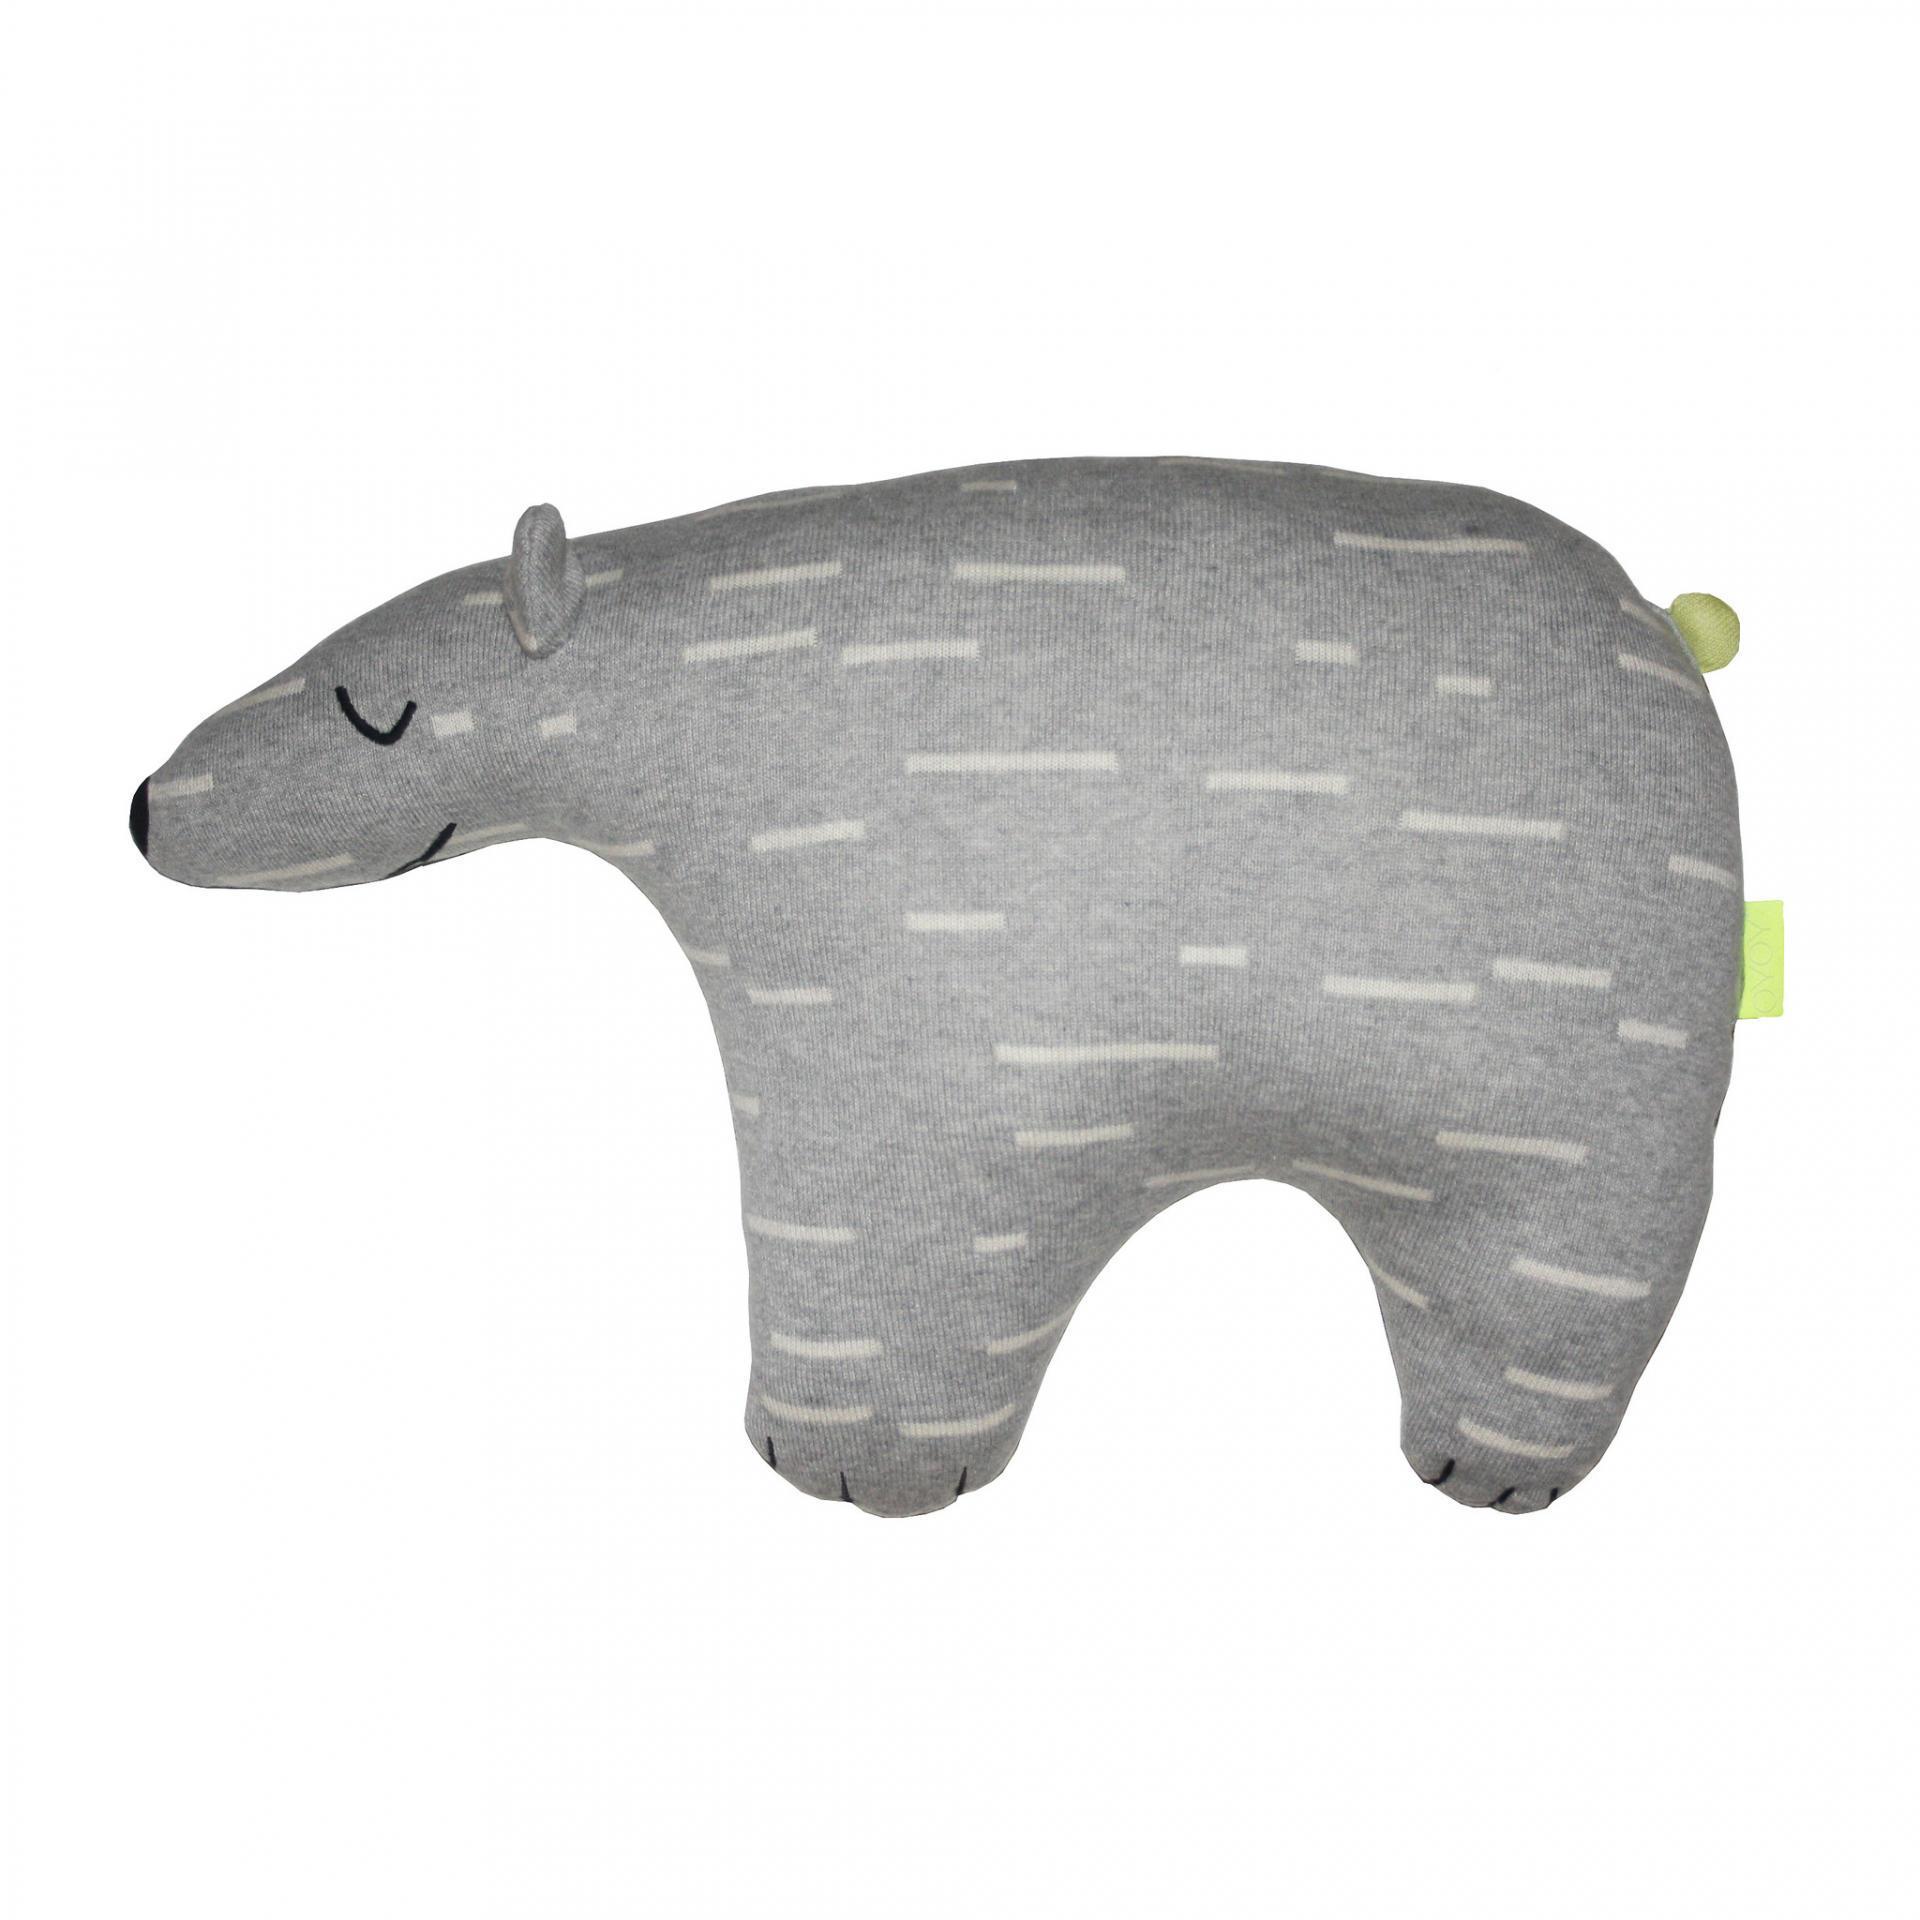 OYOY Dětský polštářek/hračka polární medvěd Knut, šedá barva, textil